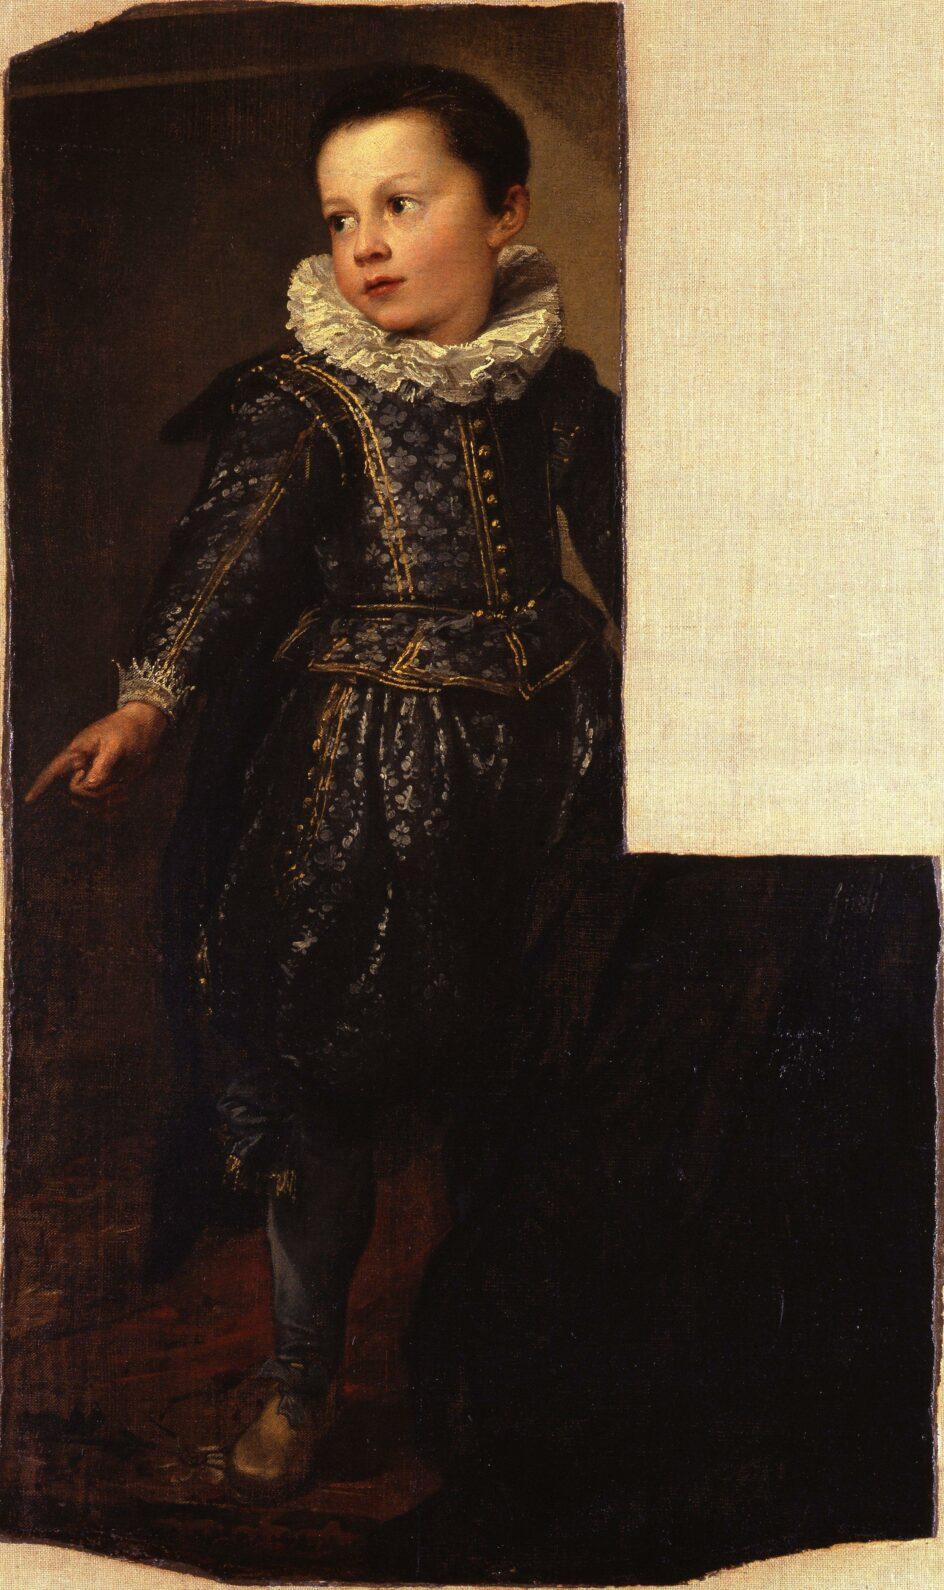 Anthony van Dyck (1599-1641), Portrait of Ansaldo Pallavicino (fragment), Galleria Nazionale di Palazzo Spinola, Genoa